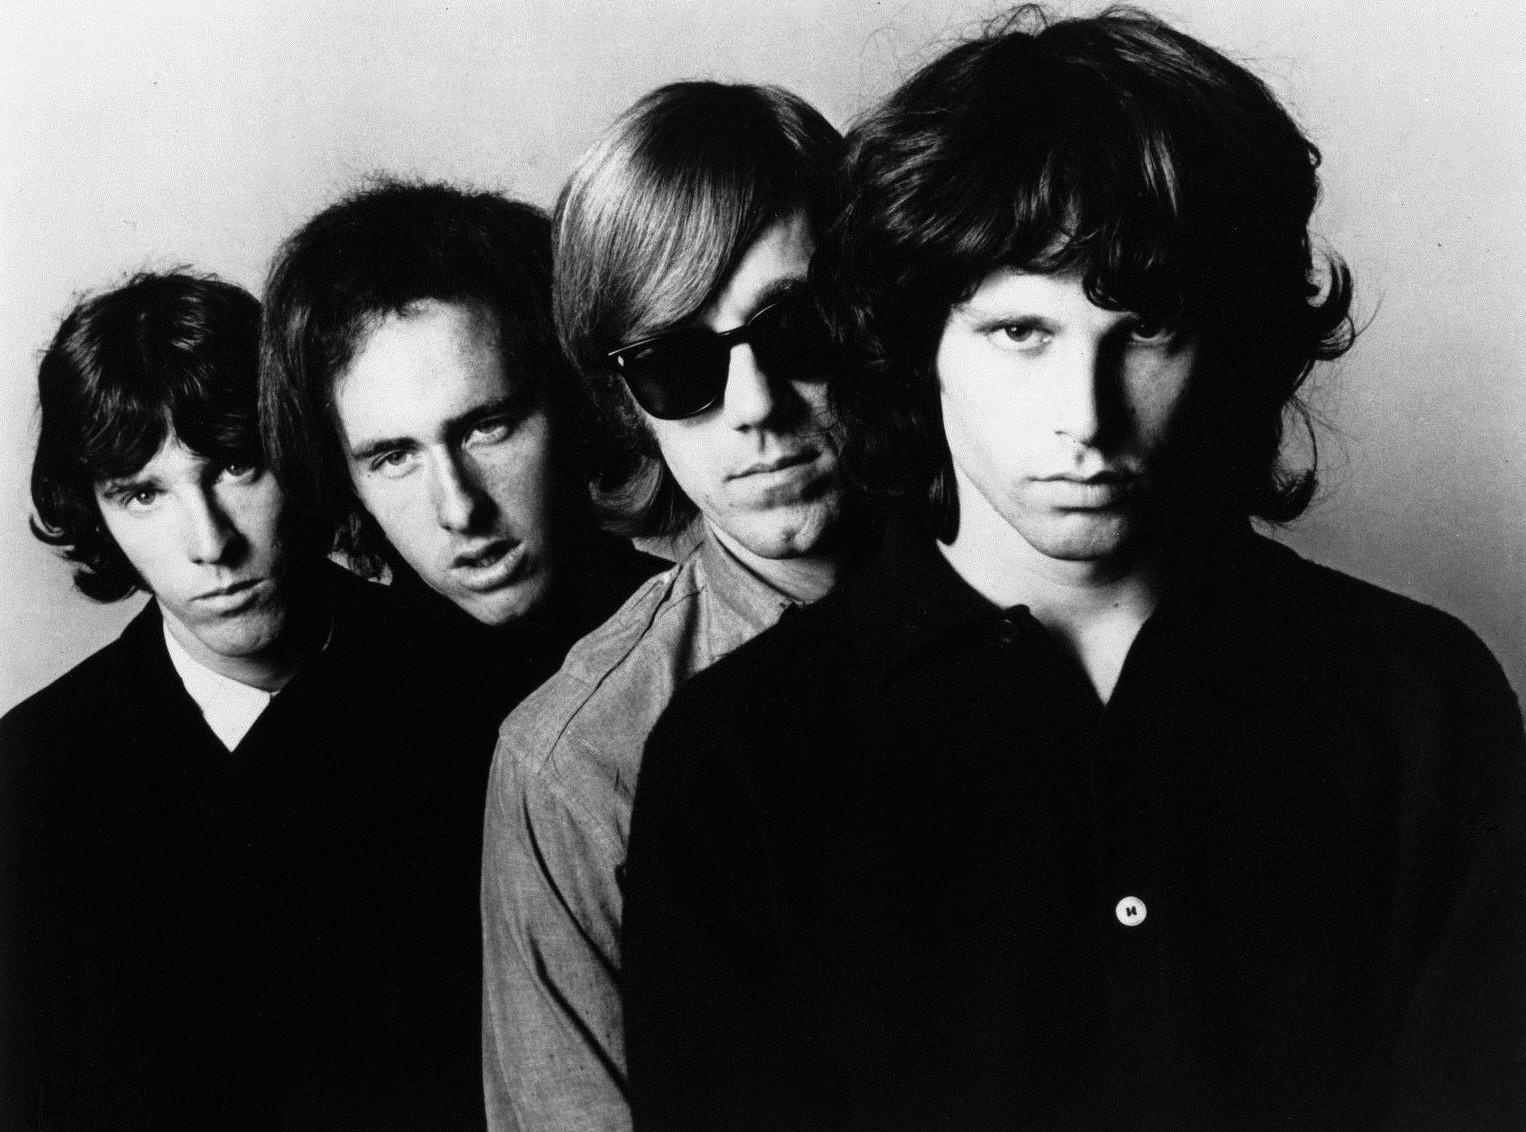 Cimitero dove è sepolto Jim Morrison